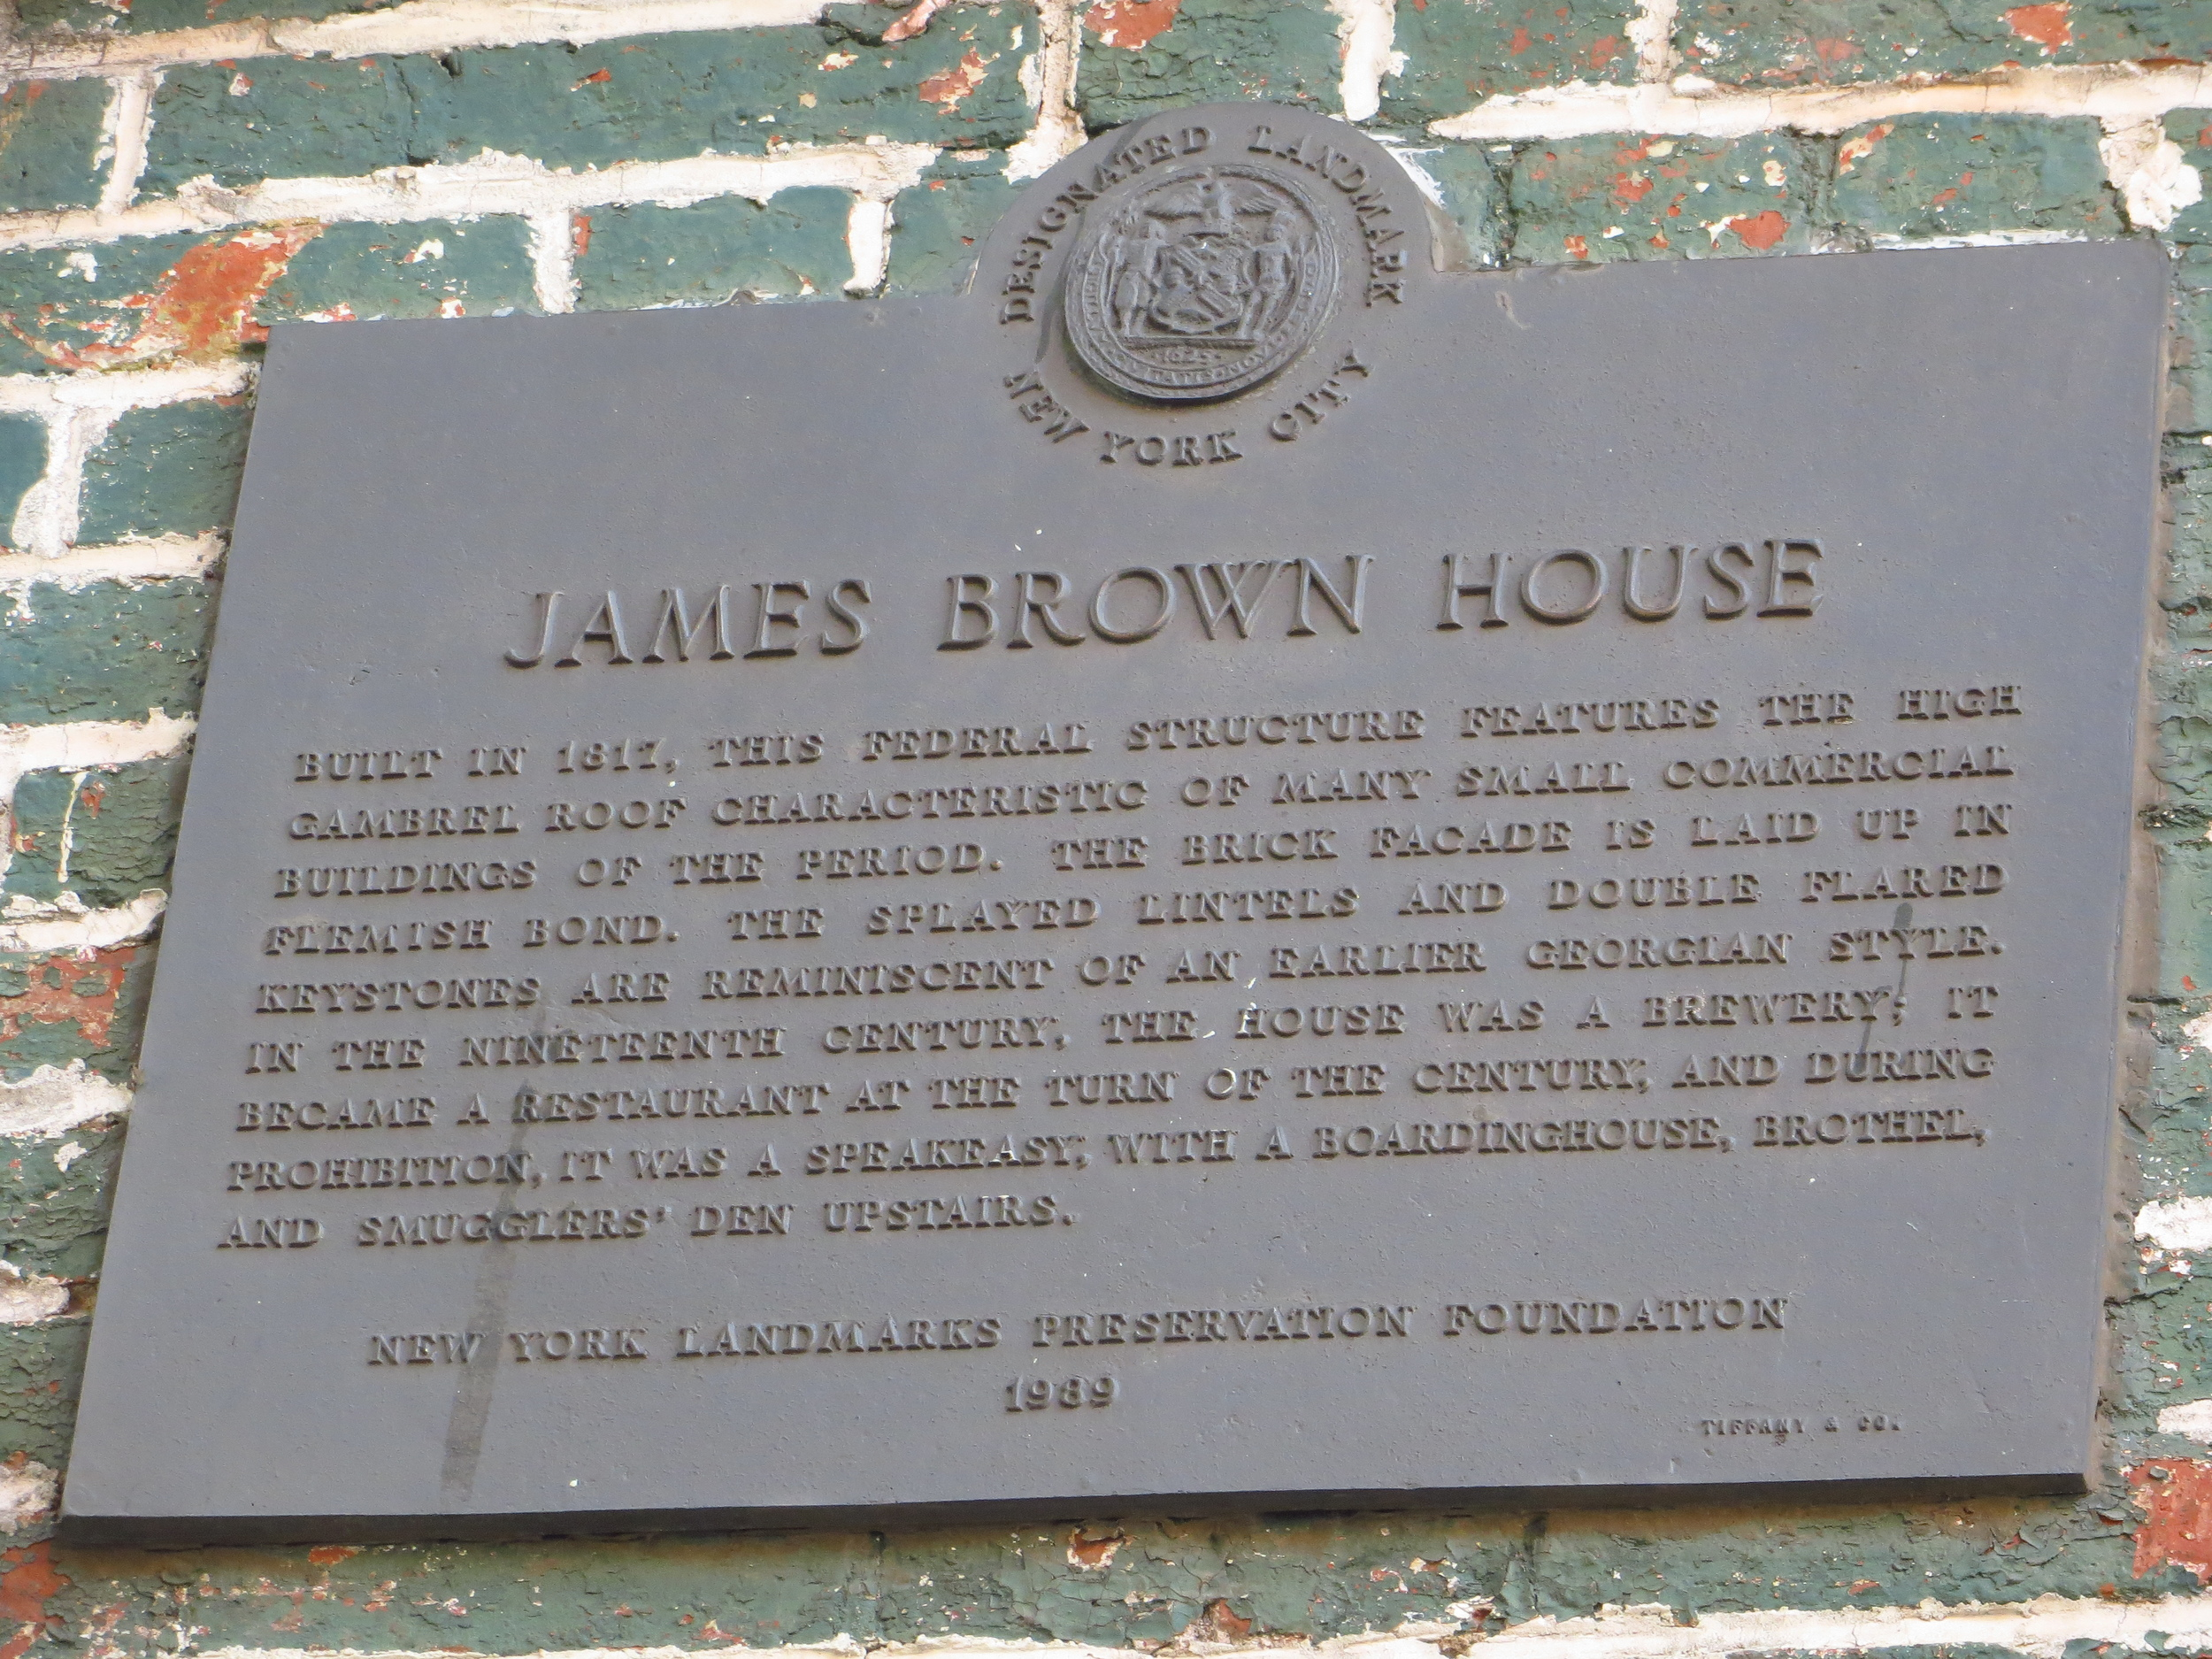 Ear Inn / James Brown House history